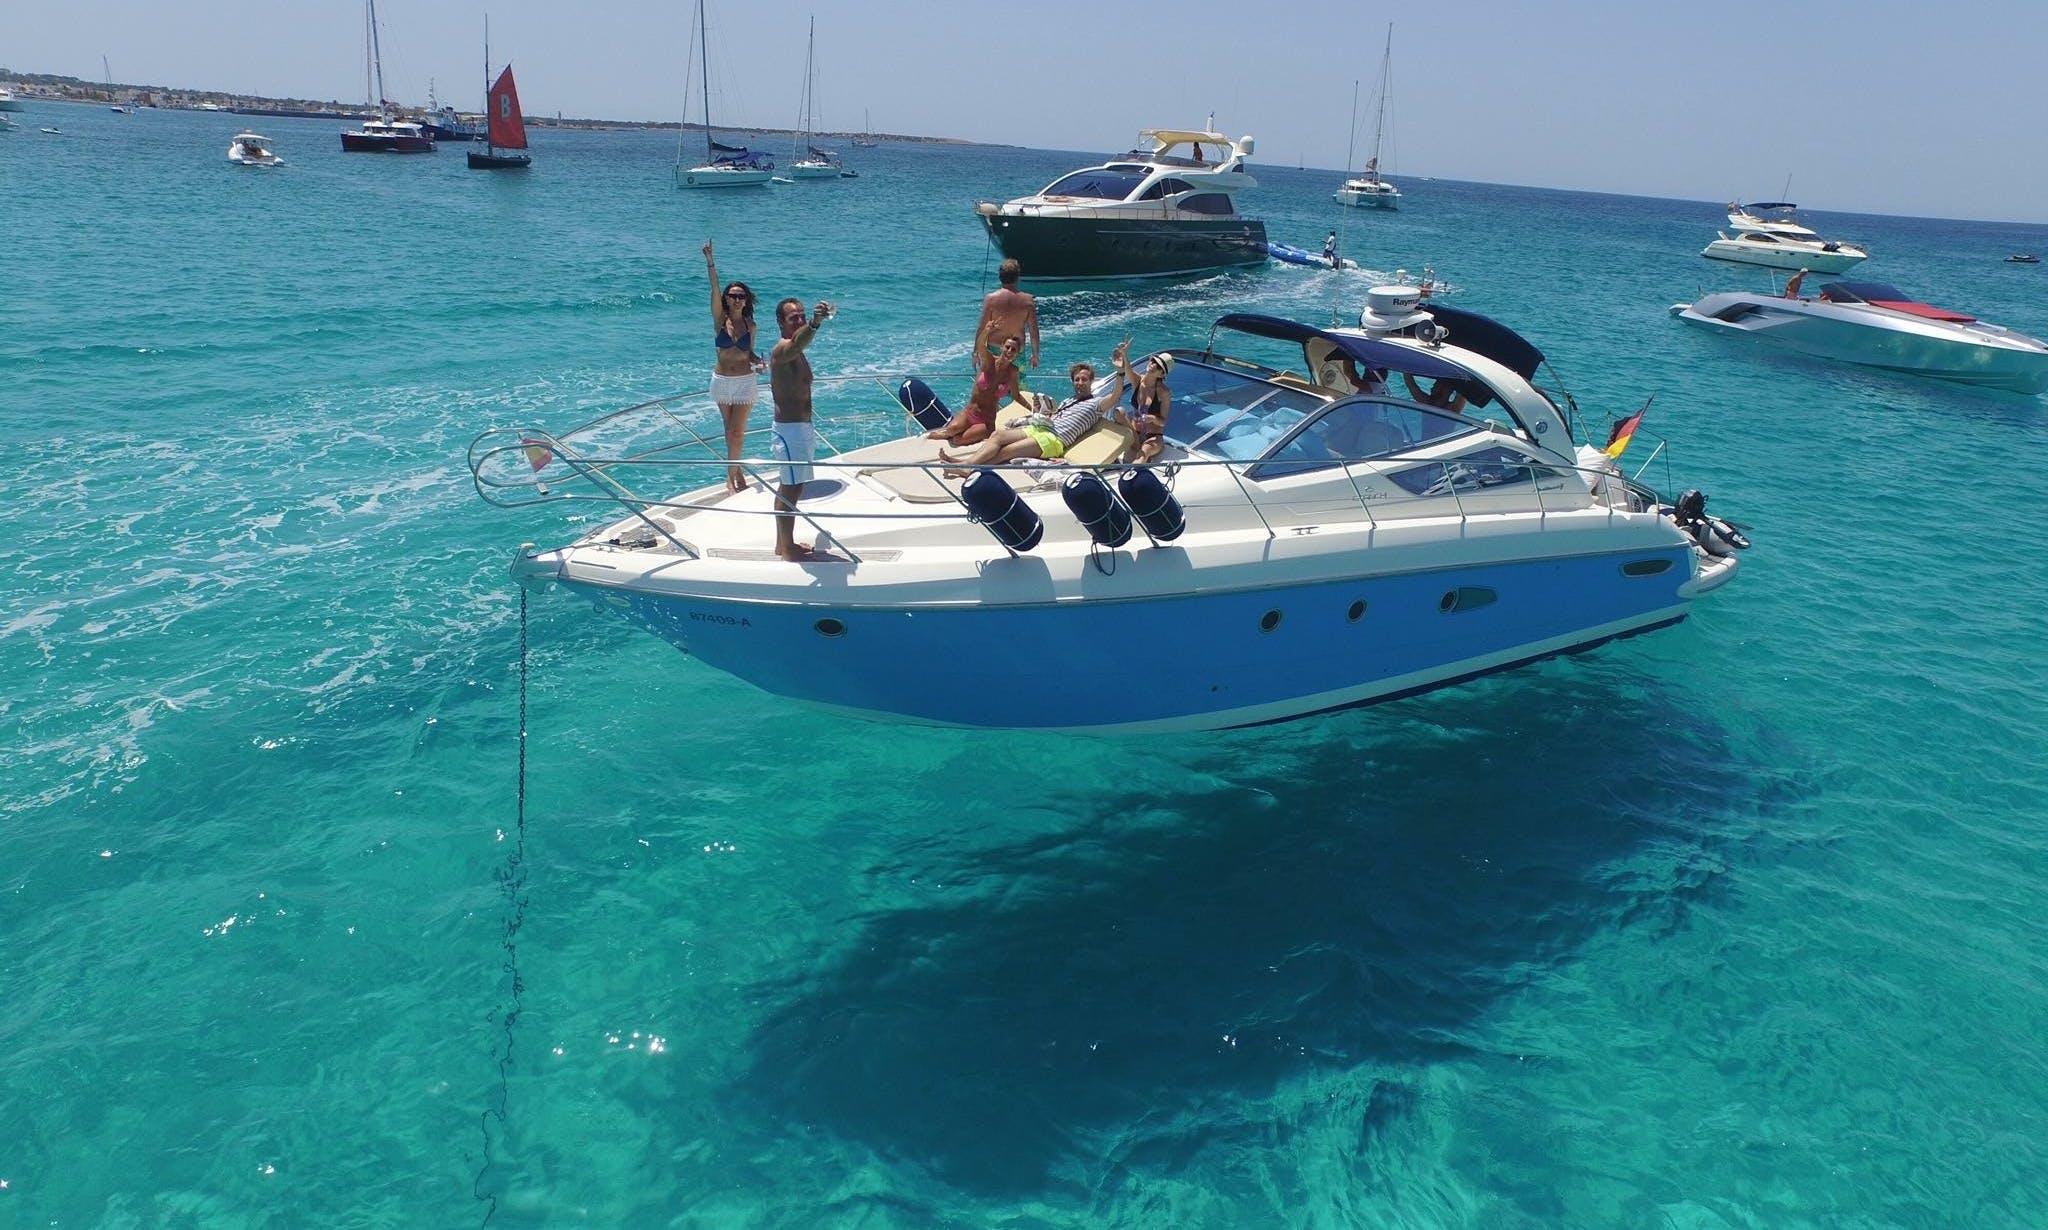 2007 Cranchi 43 Mediterranee Motor Yacht rental in Eivissa